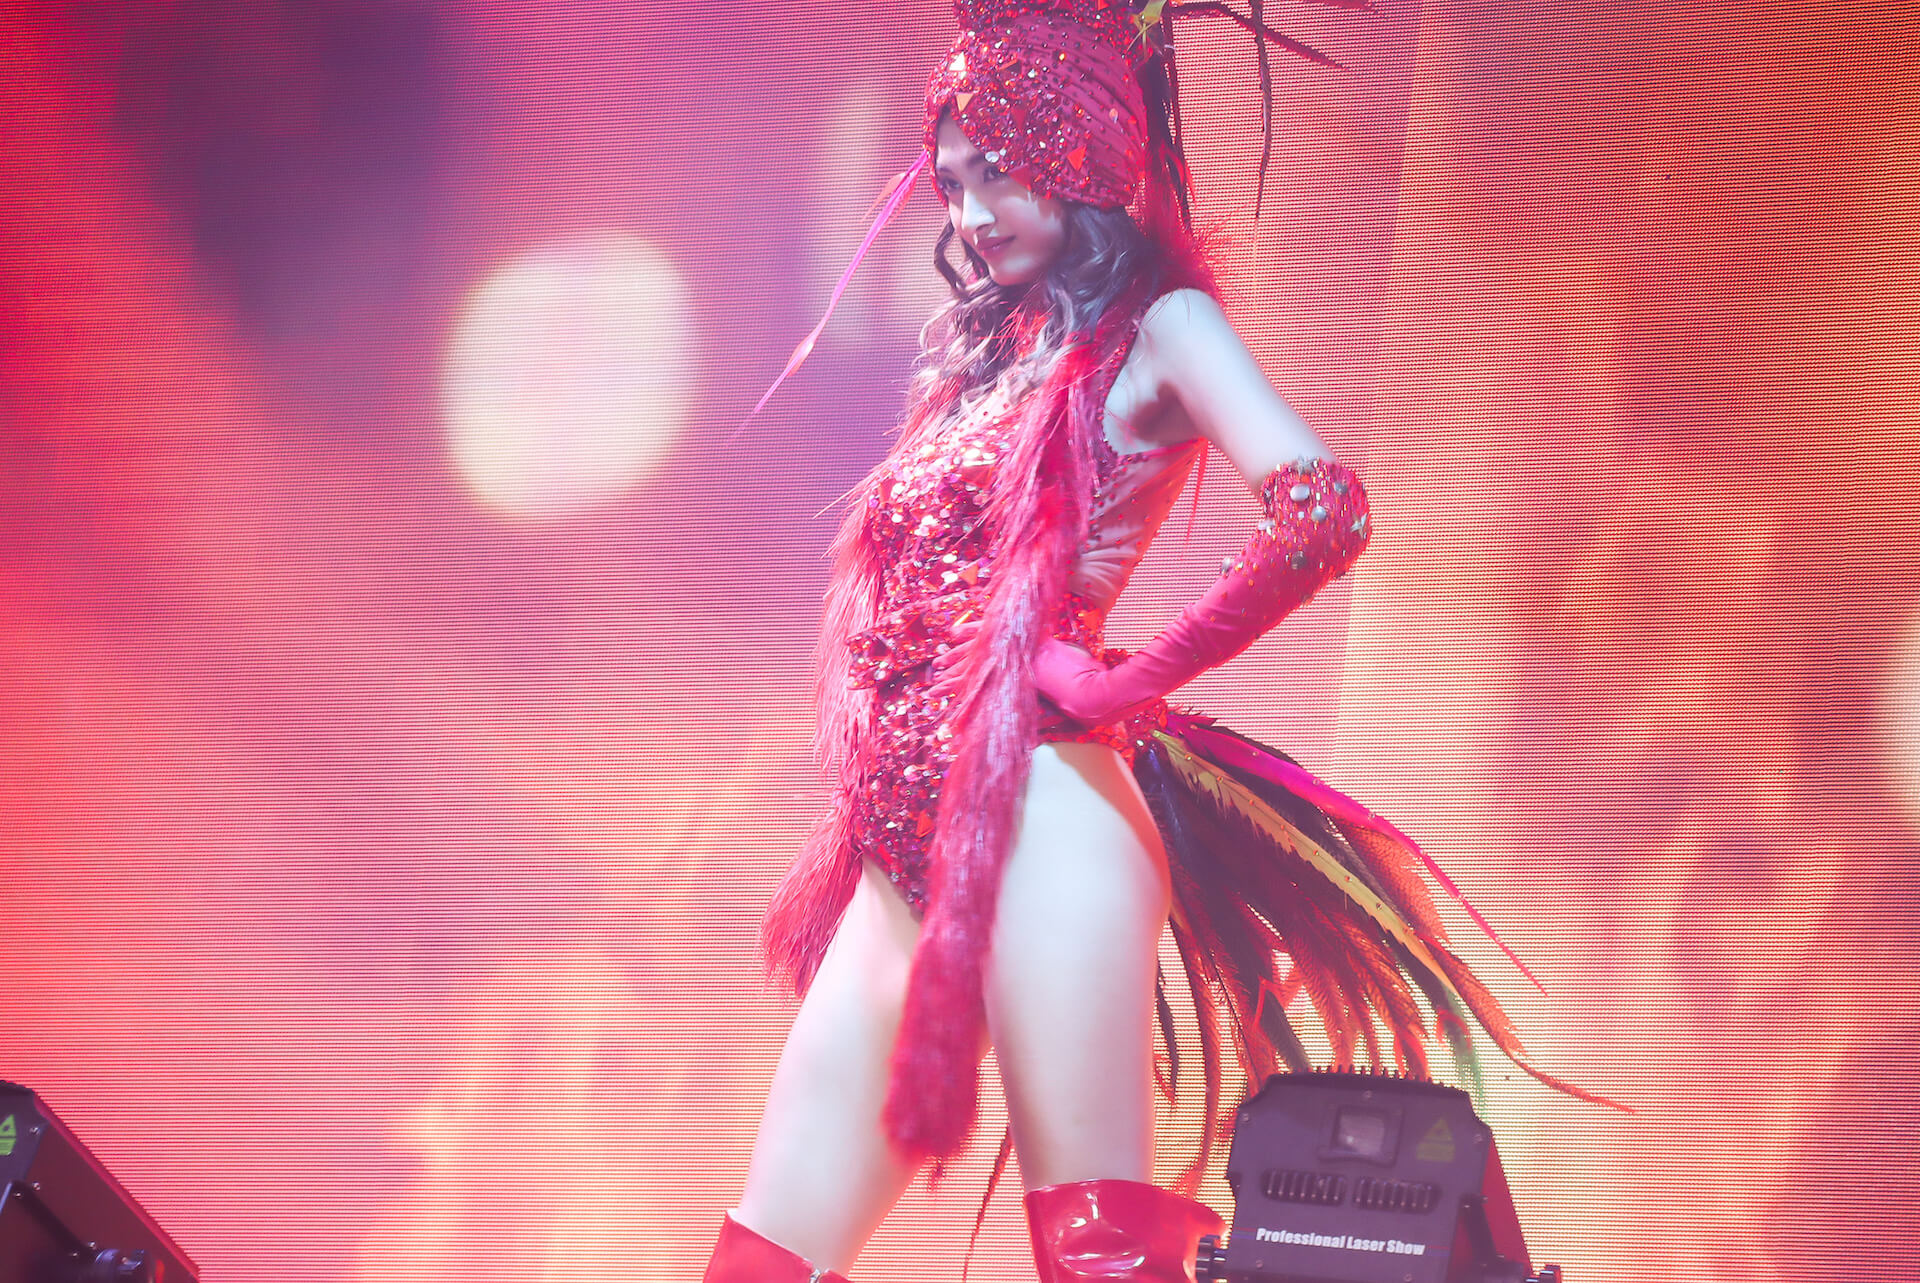 10頭身モデル・香川沙耶がバーレスクショーで美スタイルを惜しげなく披露! art191209_kagawasaya_10